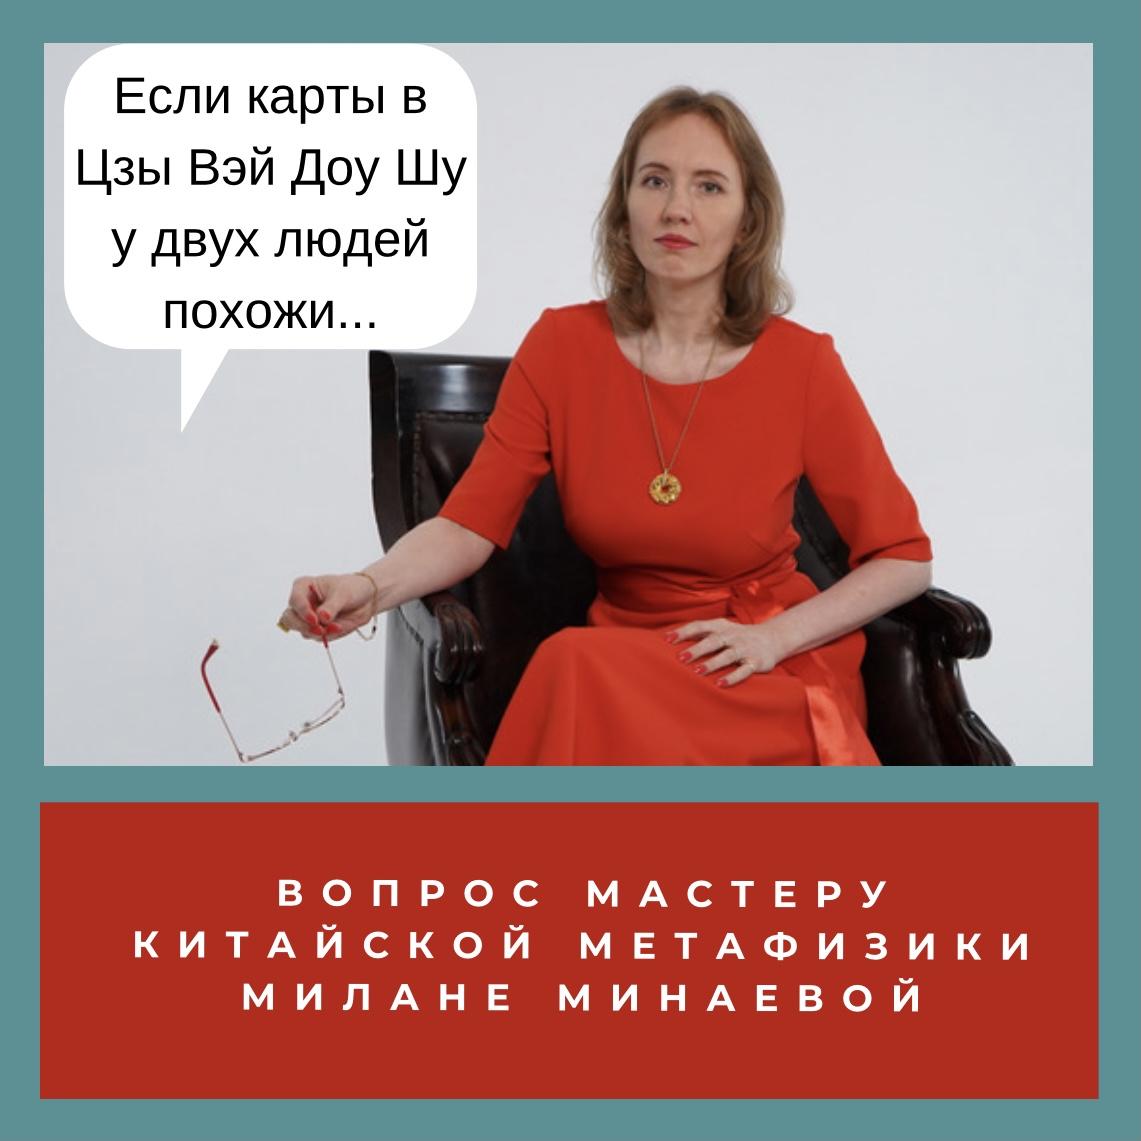 Мастер Фэншуй Милана Минаева - рубрика: вопрос-ответ - Fengshuimaster.ru